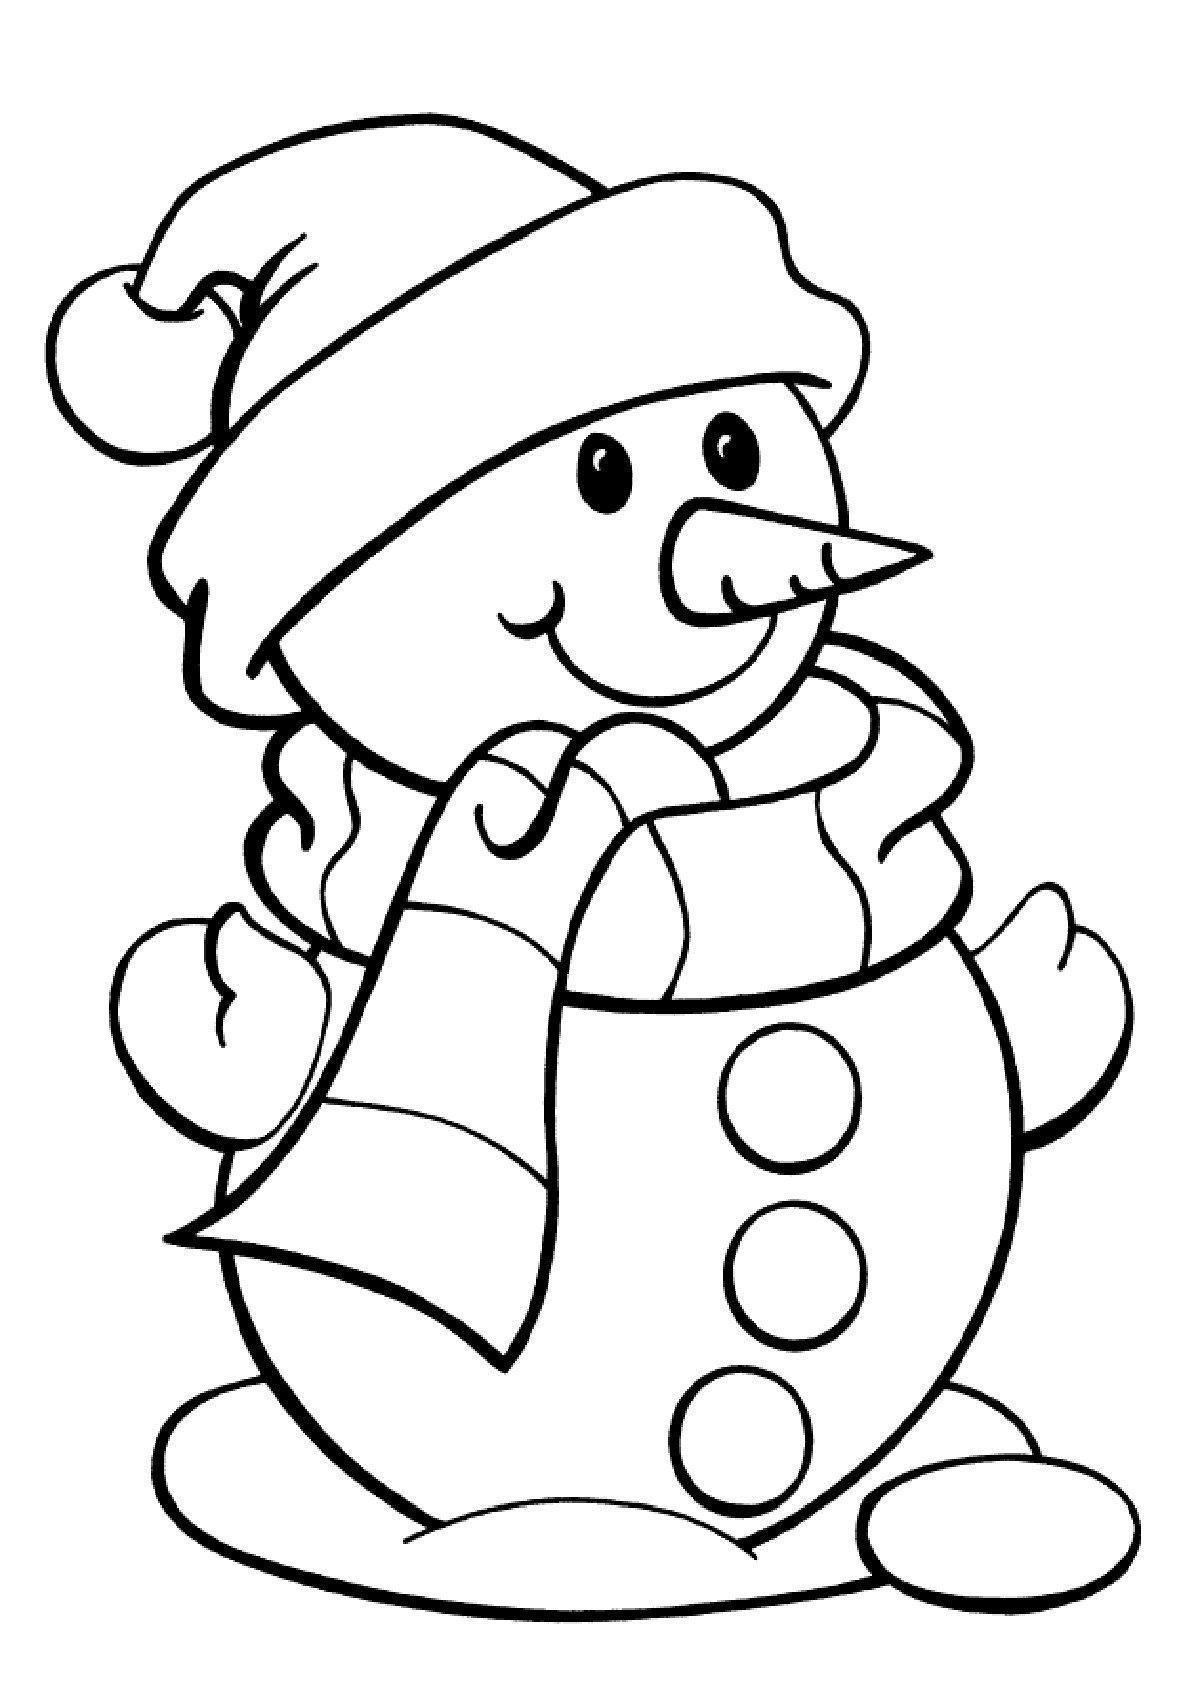 Картинка к новому году для детей раскраска